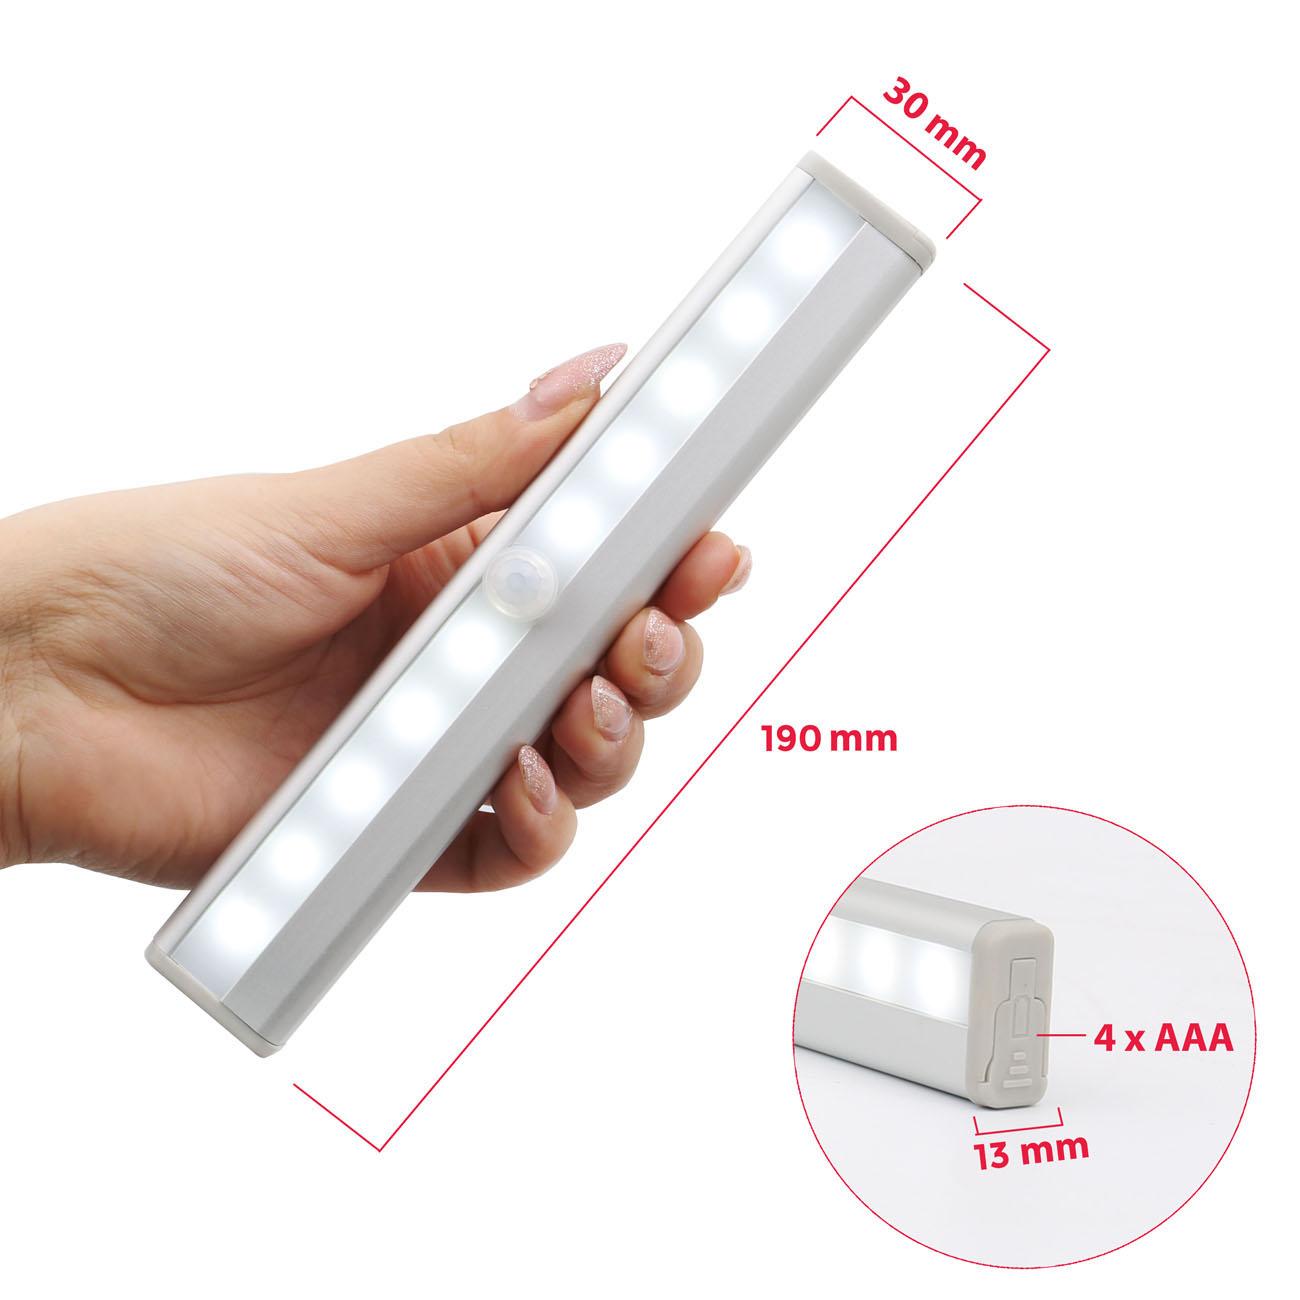 LED Schranklicht Nachtlicht mit Bewegungsmelder | 2er Set - 4